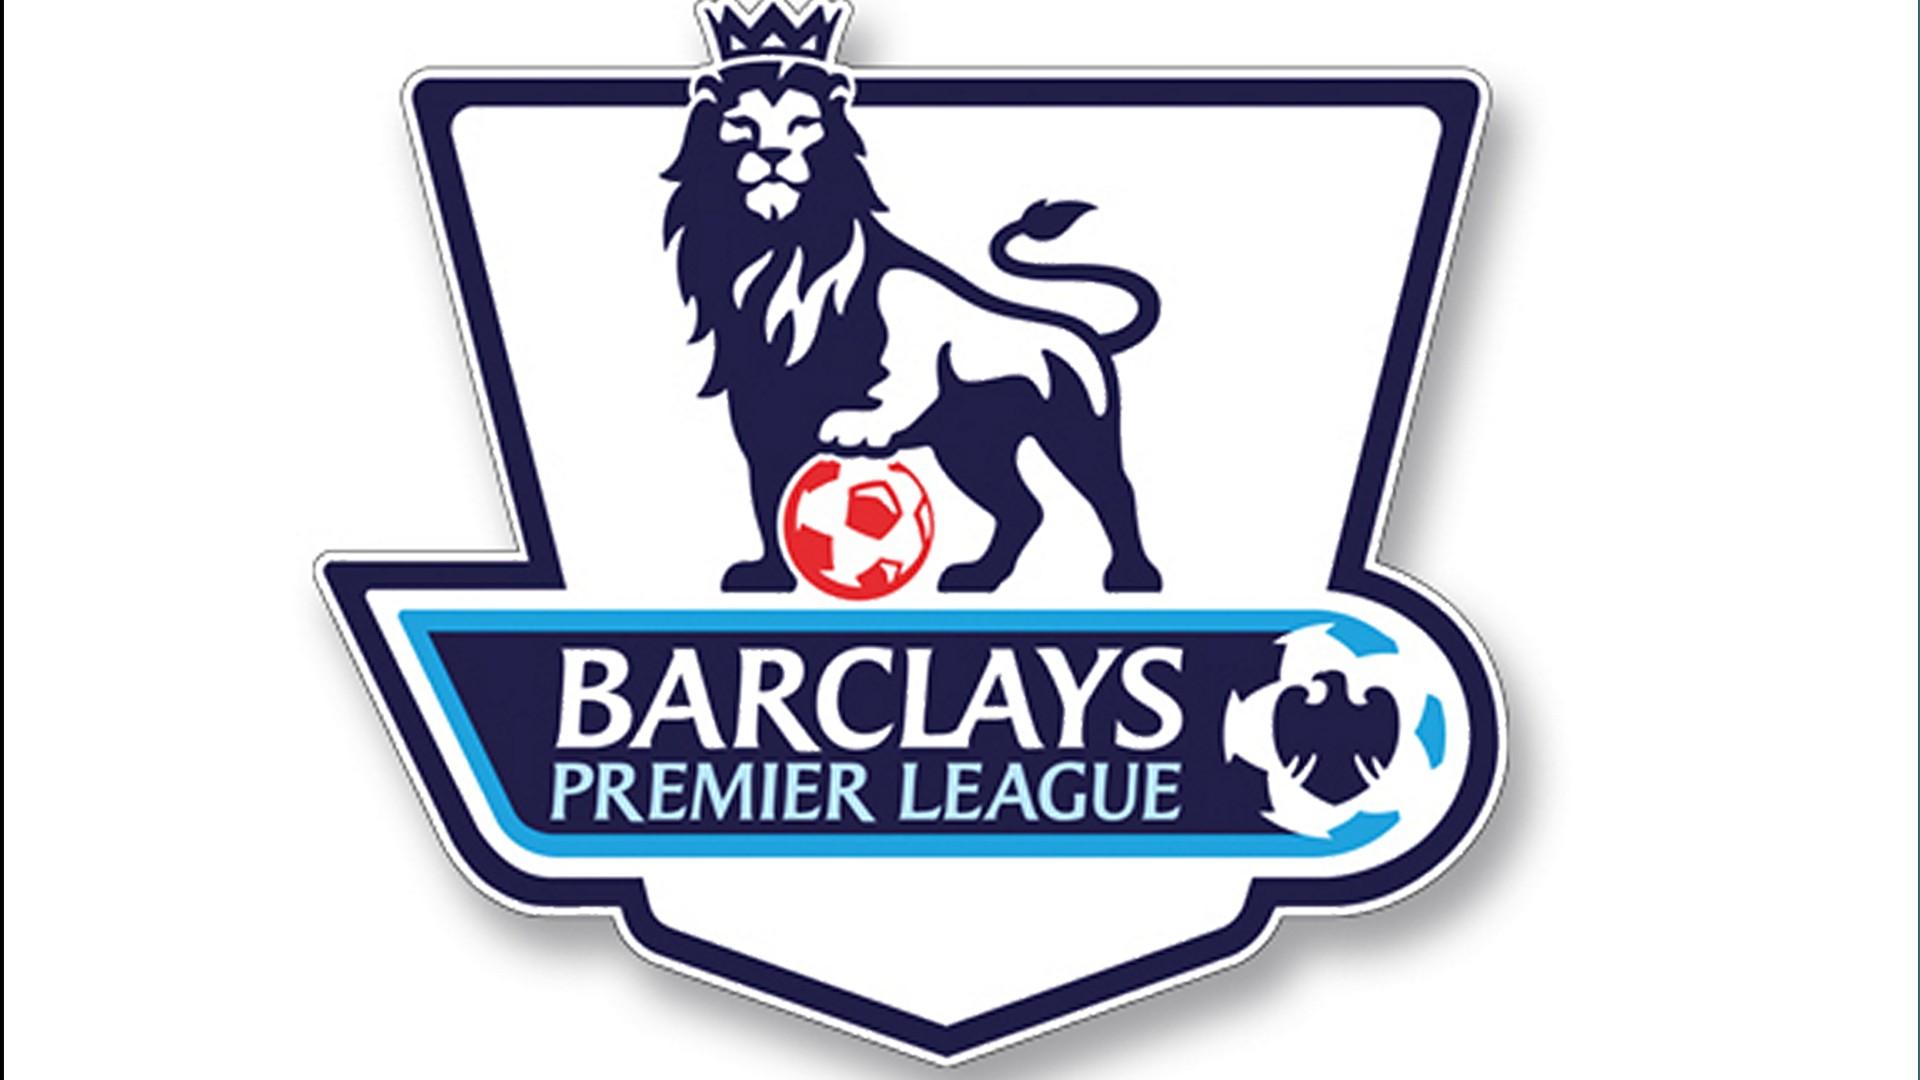 Humbje marramendëse në Premier League, dy ekipet e Manchester e pësojnë